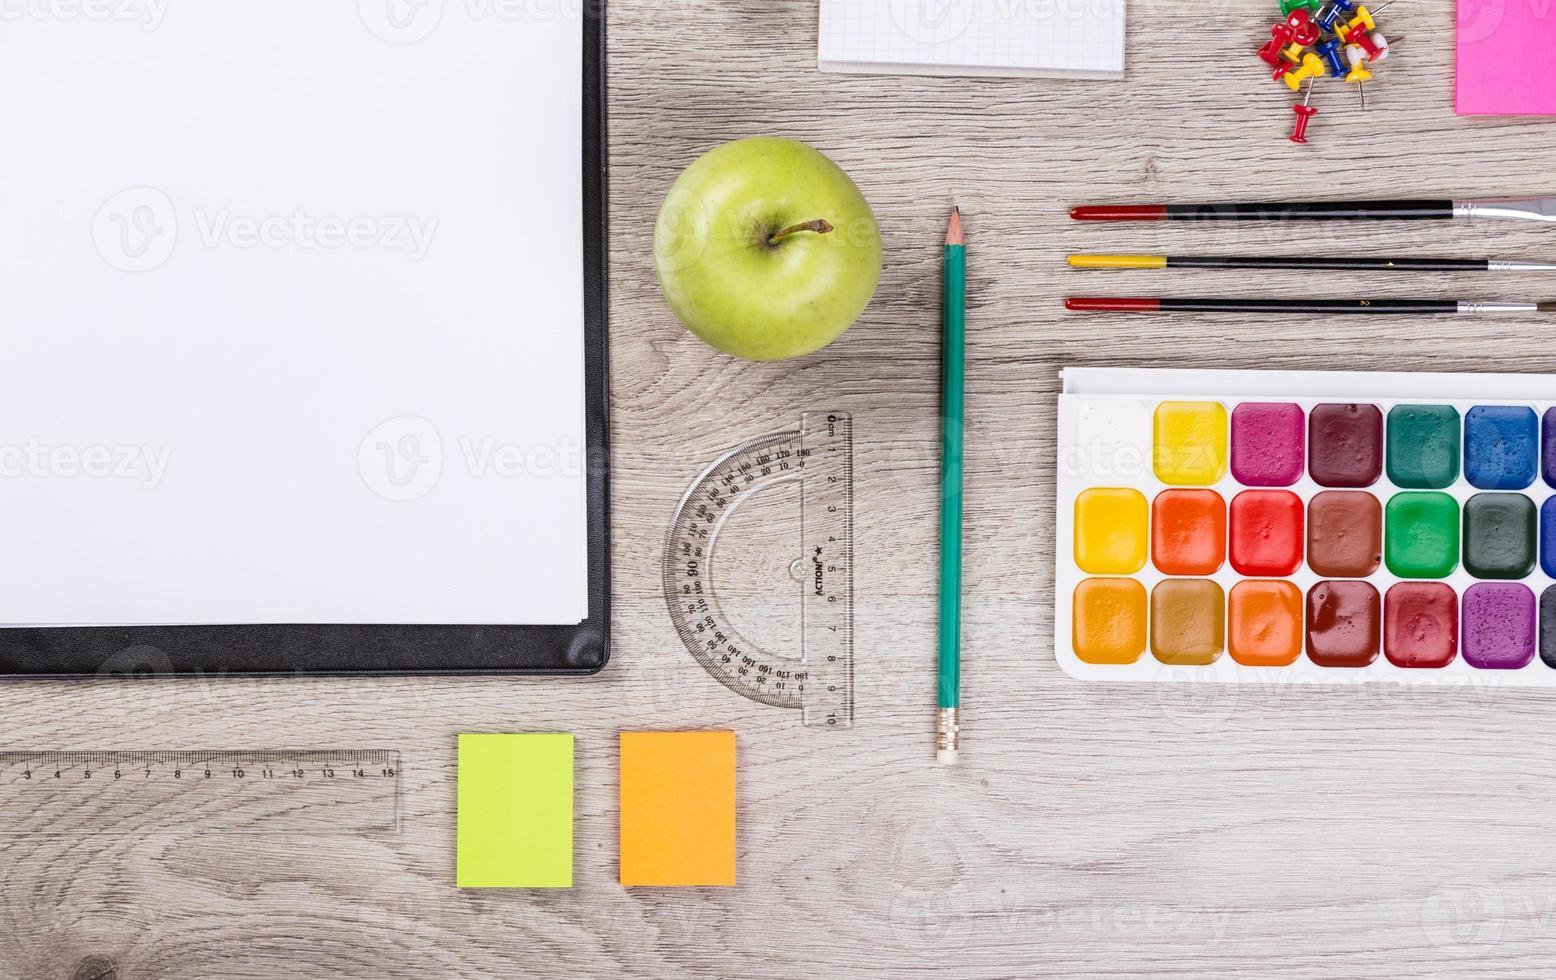 carta, matite, pennello, mela verde sul tavolo di legno foto